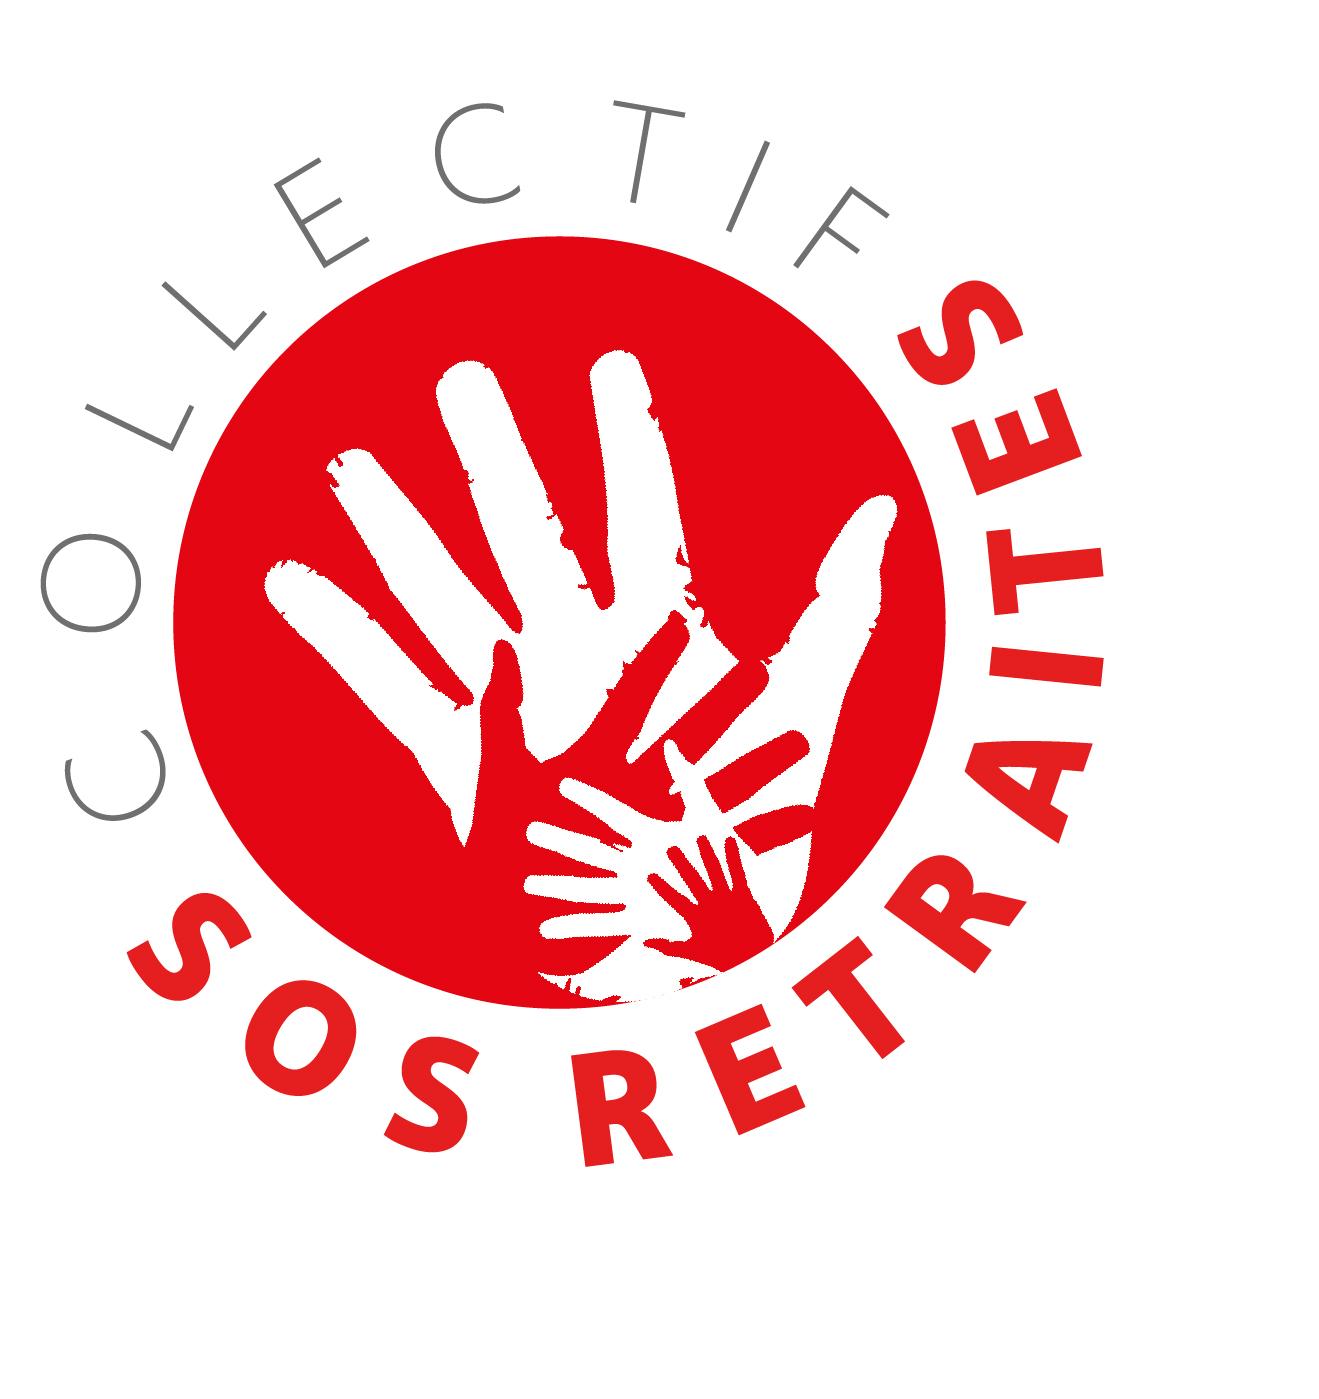 Logo SOS Retraite - Grève des avocats du 5 décembre 2019